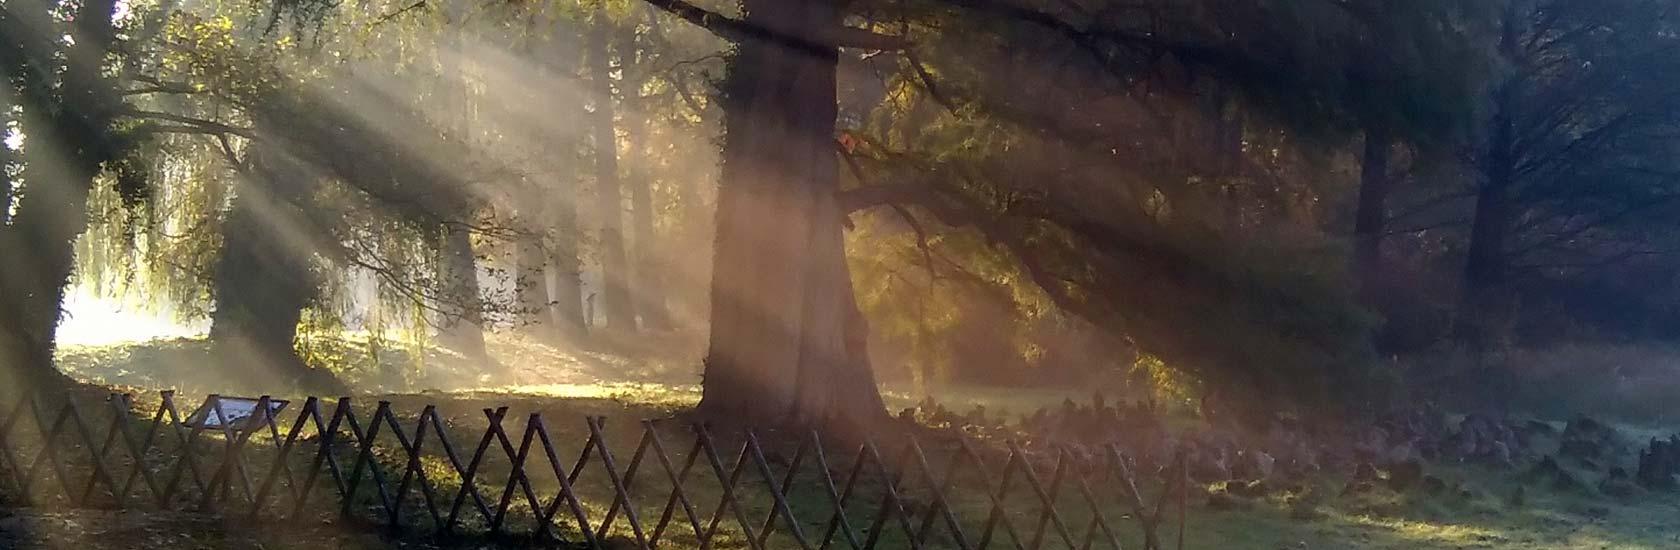 Arboretum Kórnickie - fot. K. Broniewska